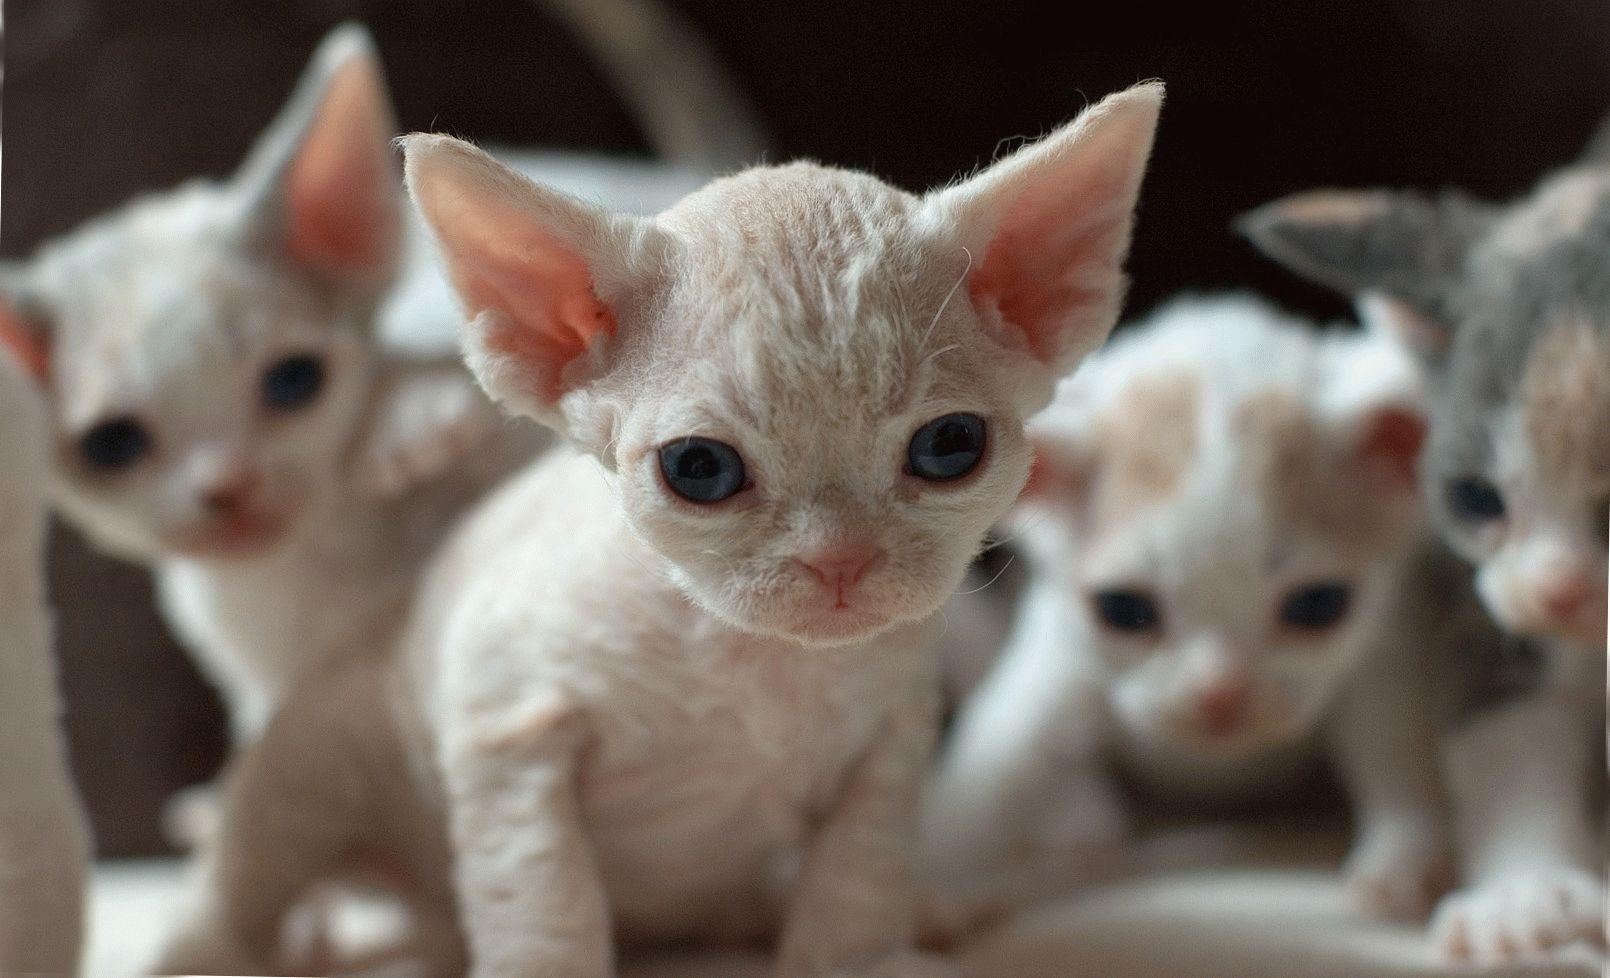 девон рекс фото Девон-рекс.Фотографии породы кошек Девон-рекс. Характер.